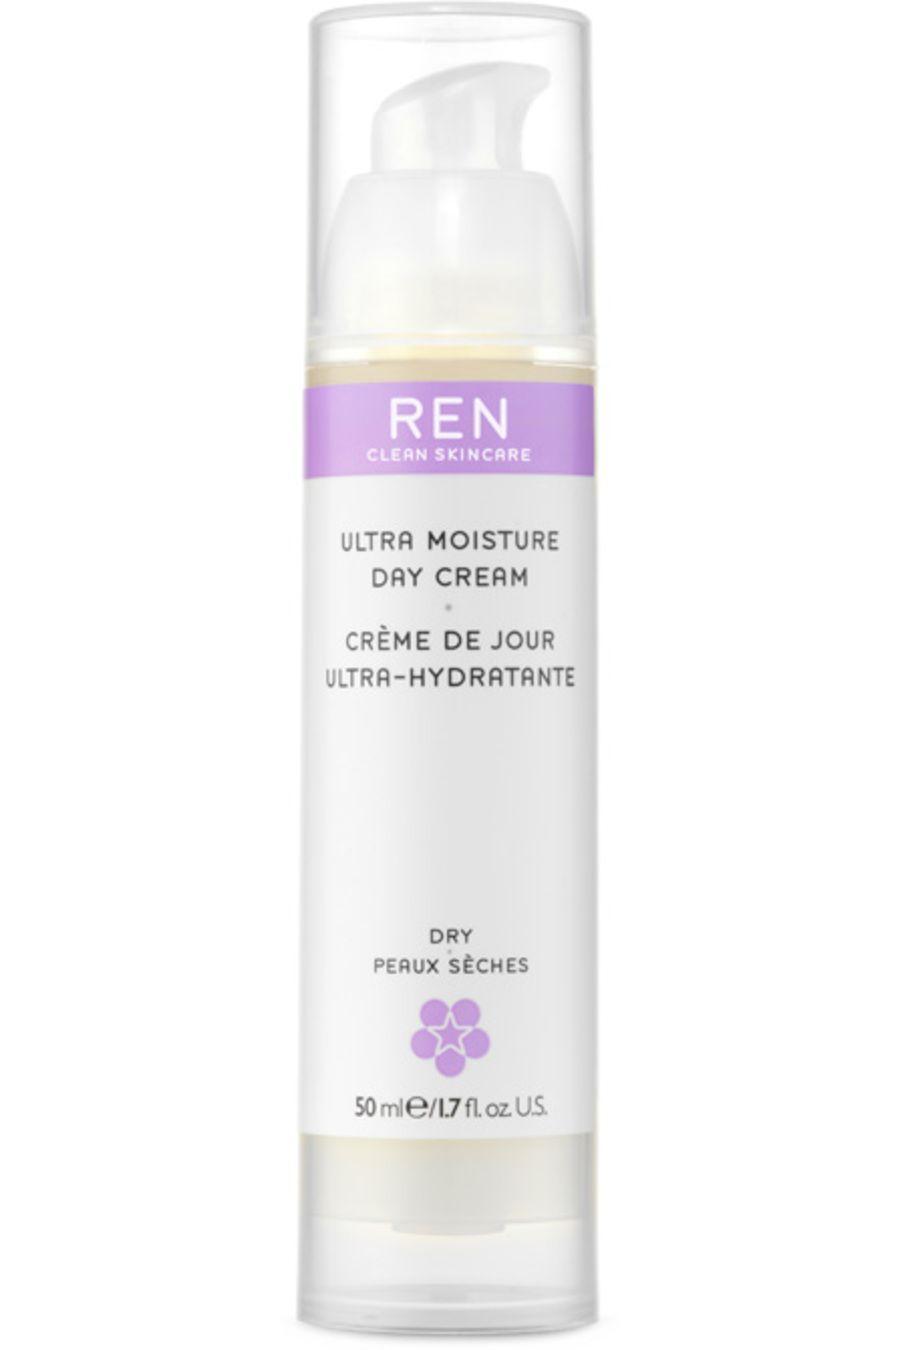 Blissim : REN - Crème de jour ultra-hydratante - Crème de jour ultra-hydratante